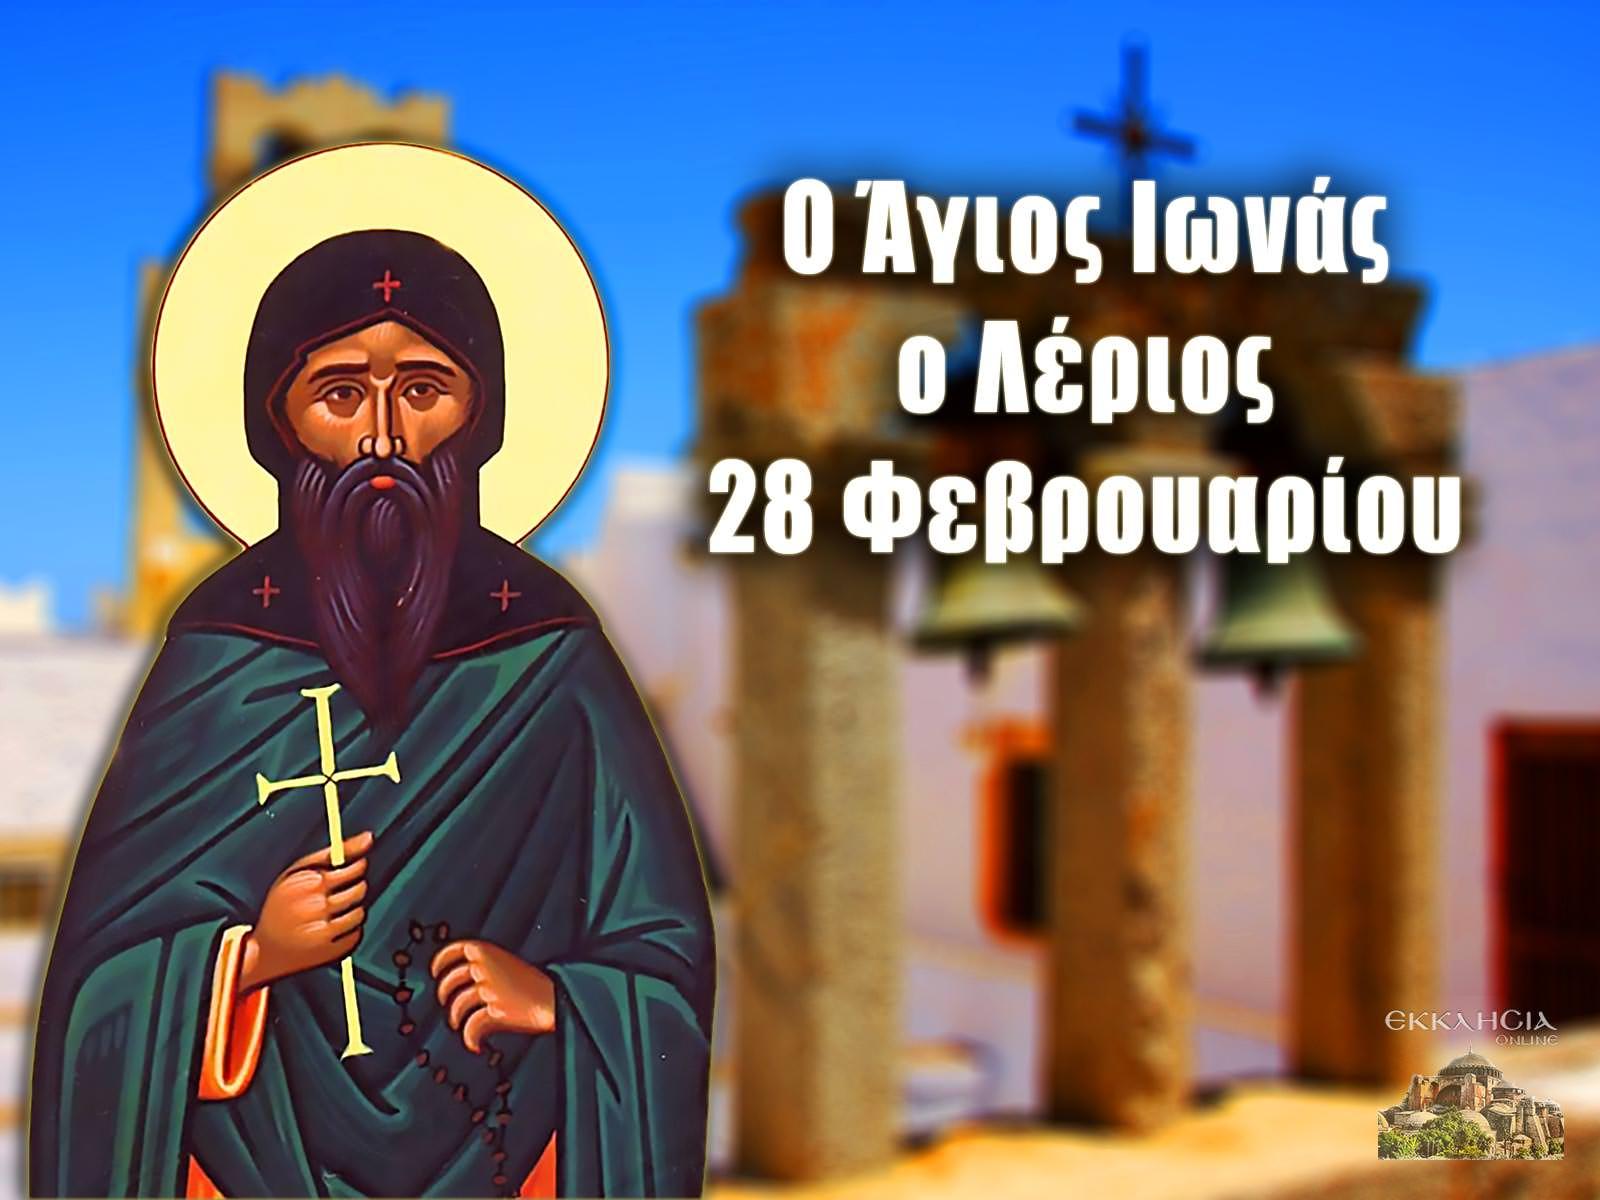 Άγιος Ιωνάς Λέριος 28 Φεβρουαρίου